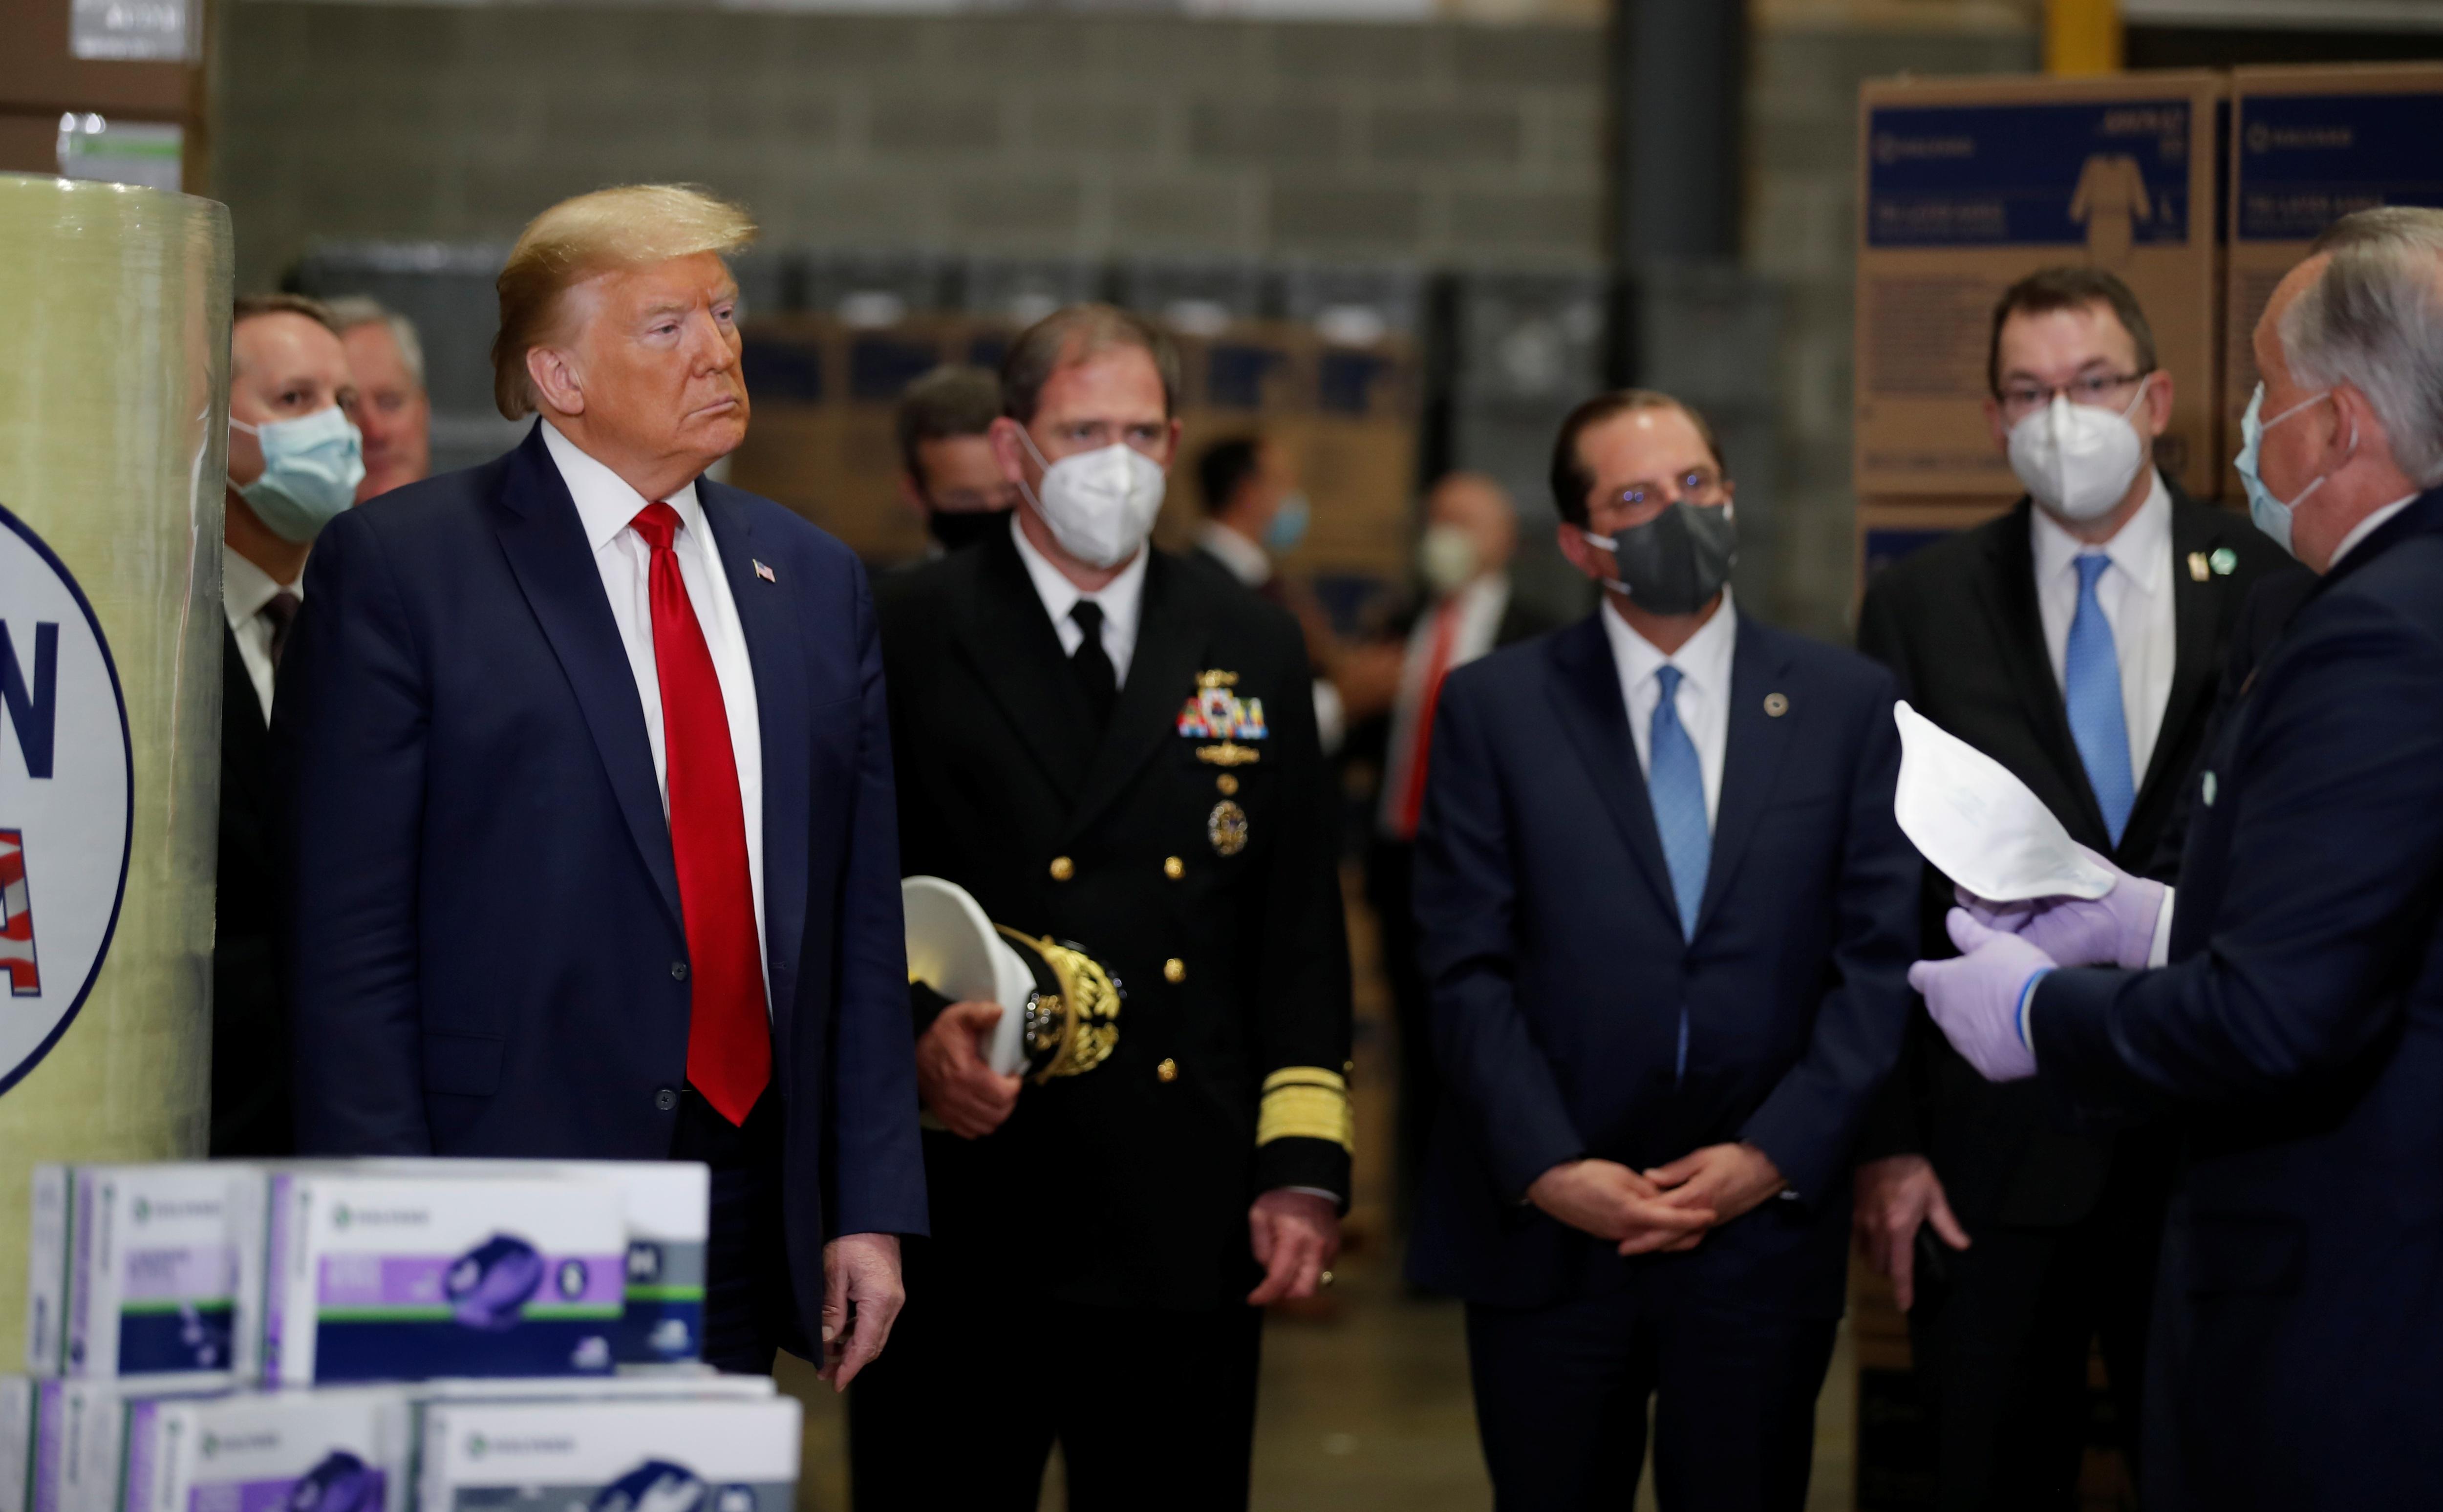 Ông Trump vẫn không đeo khẩu trang giữa nơi đông người - 2